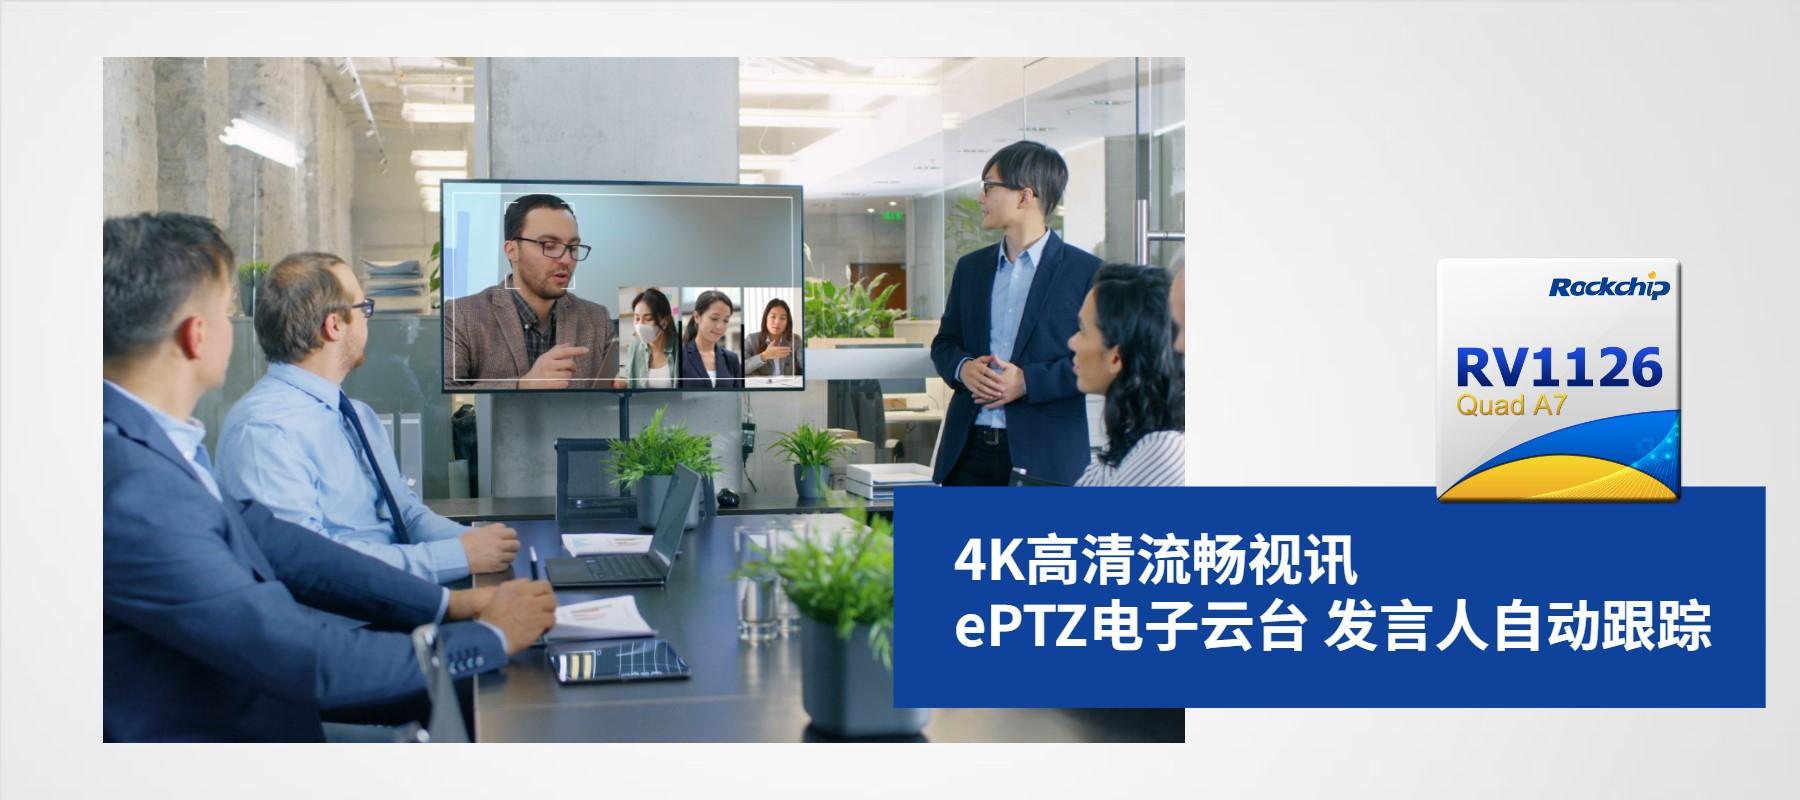 瑞芯微RV1126 4K AI摄像头方案 助力智慧屏产品升级